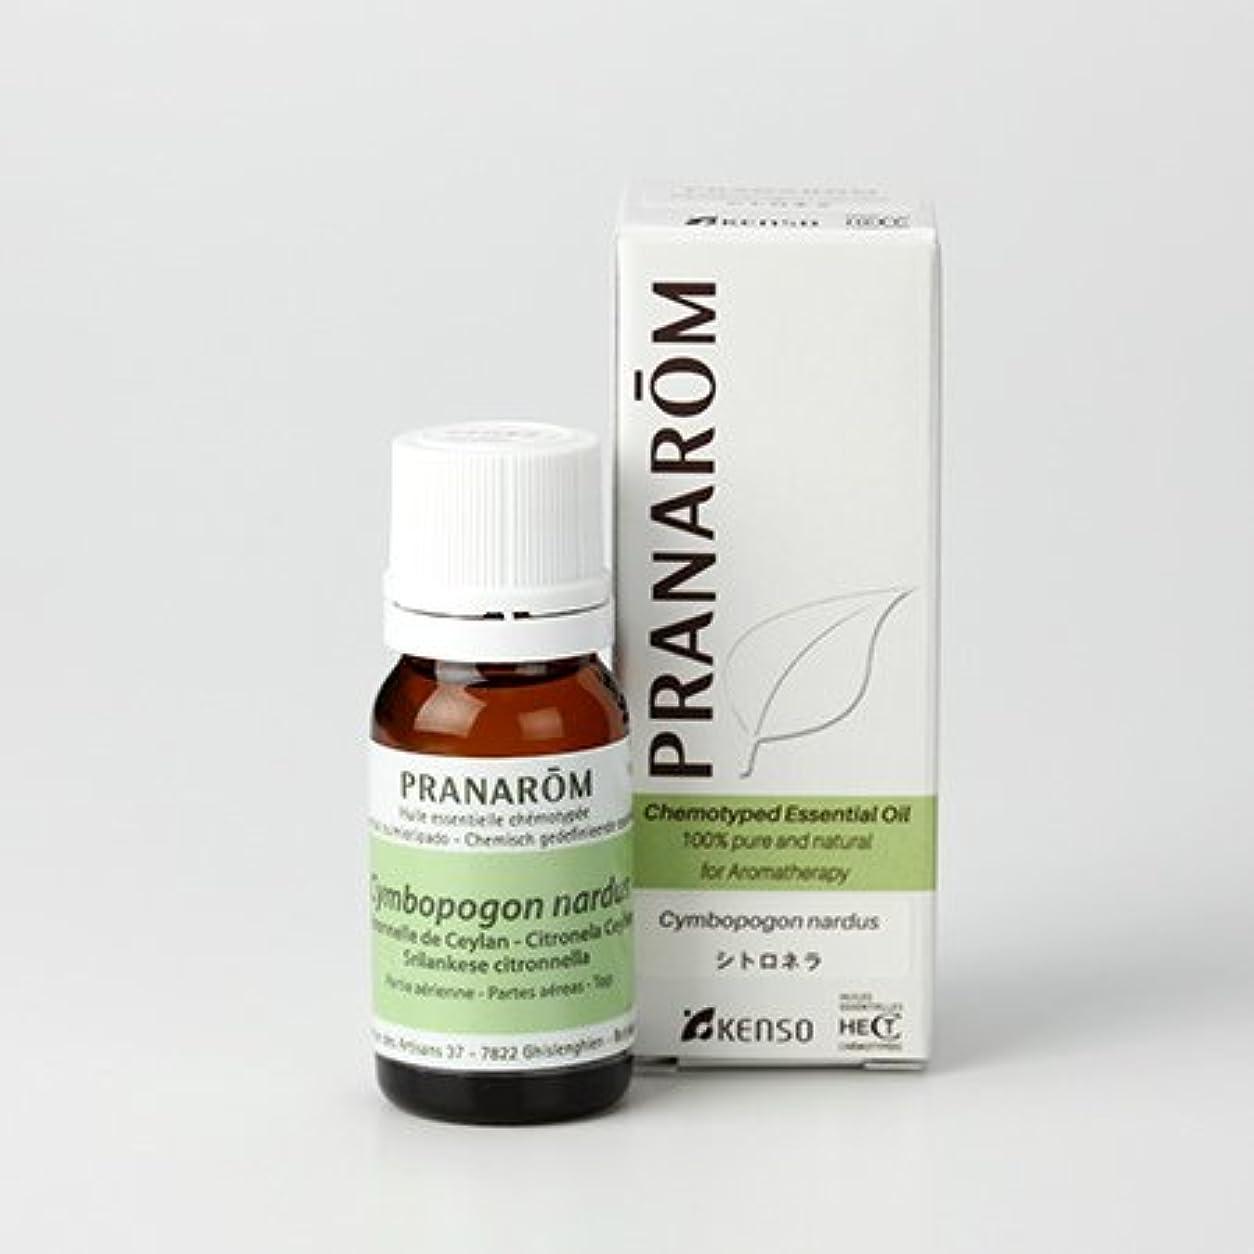 ブロックする化学薬品形式プラナロム シトロネラ 10ml (PRANAROM ケモタイプ精油)